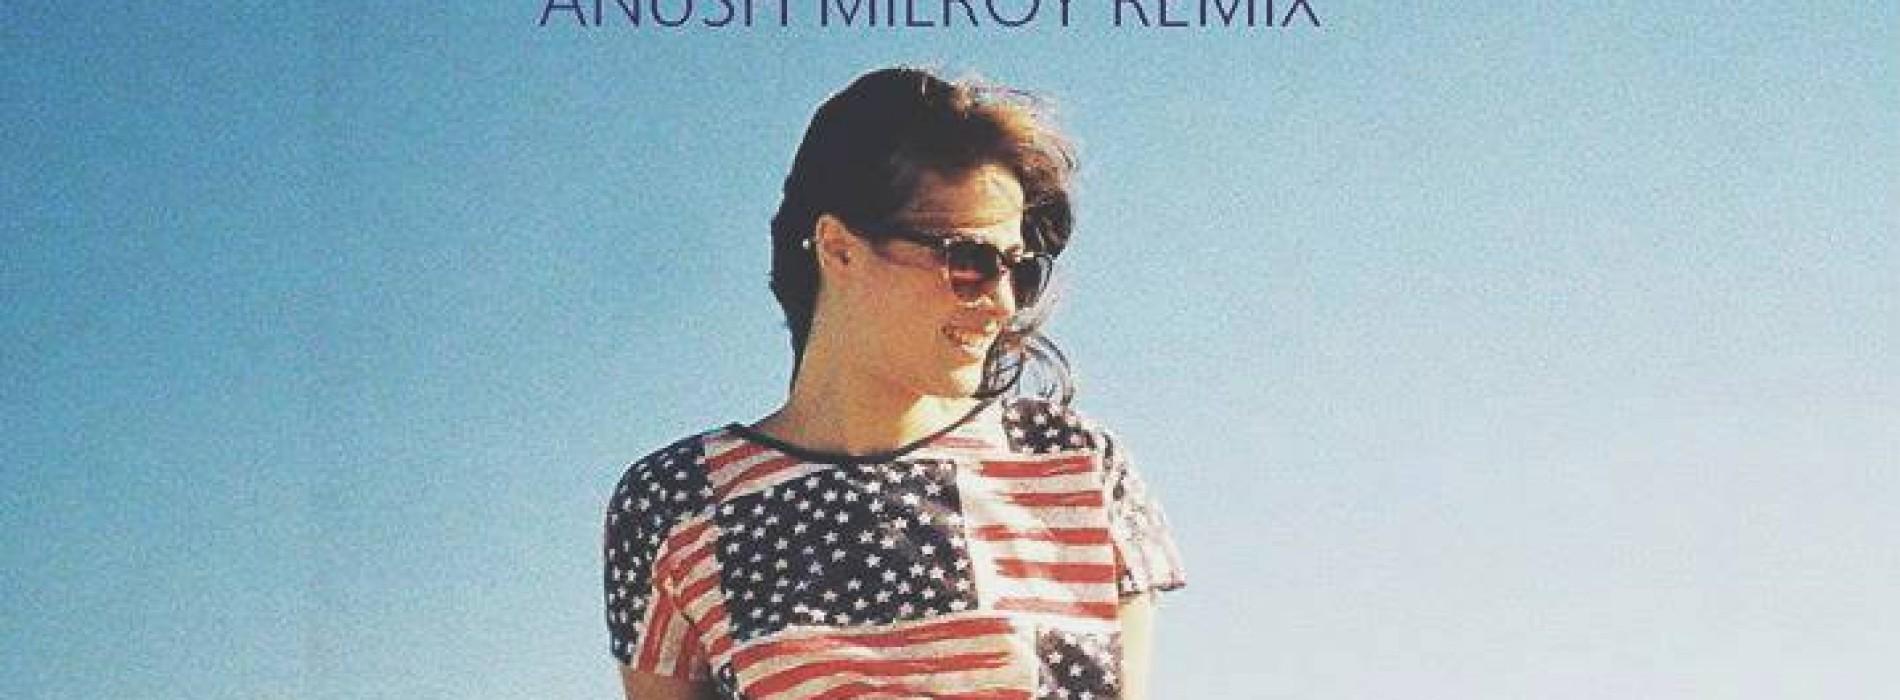 Anush Milroy – Don Marco & Eliaz – Summer Breeze (Remix)